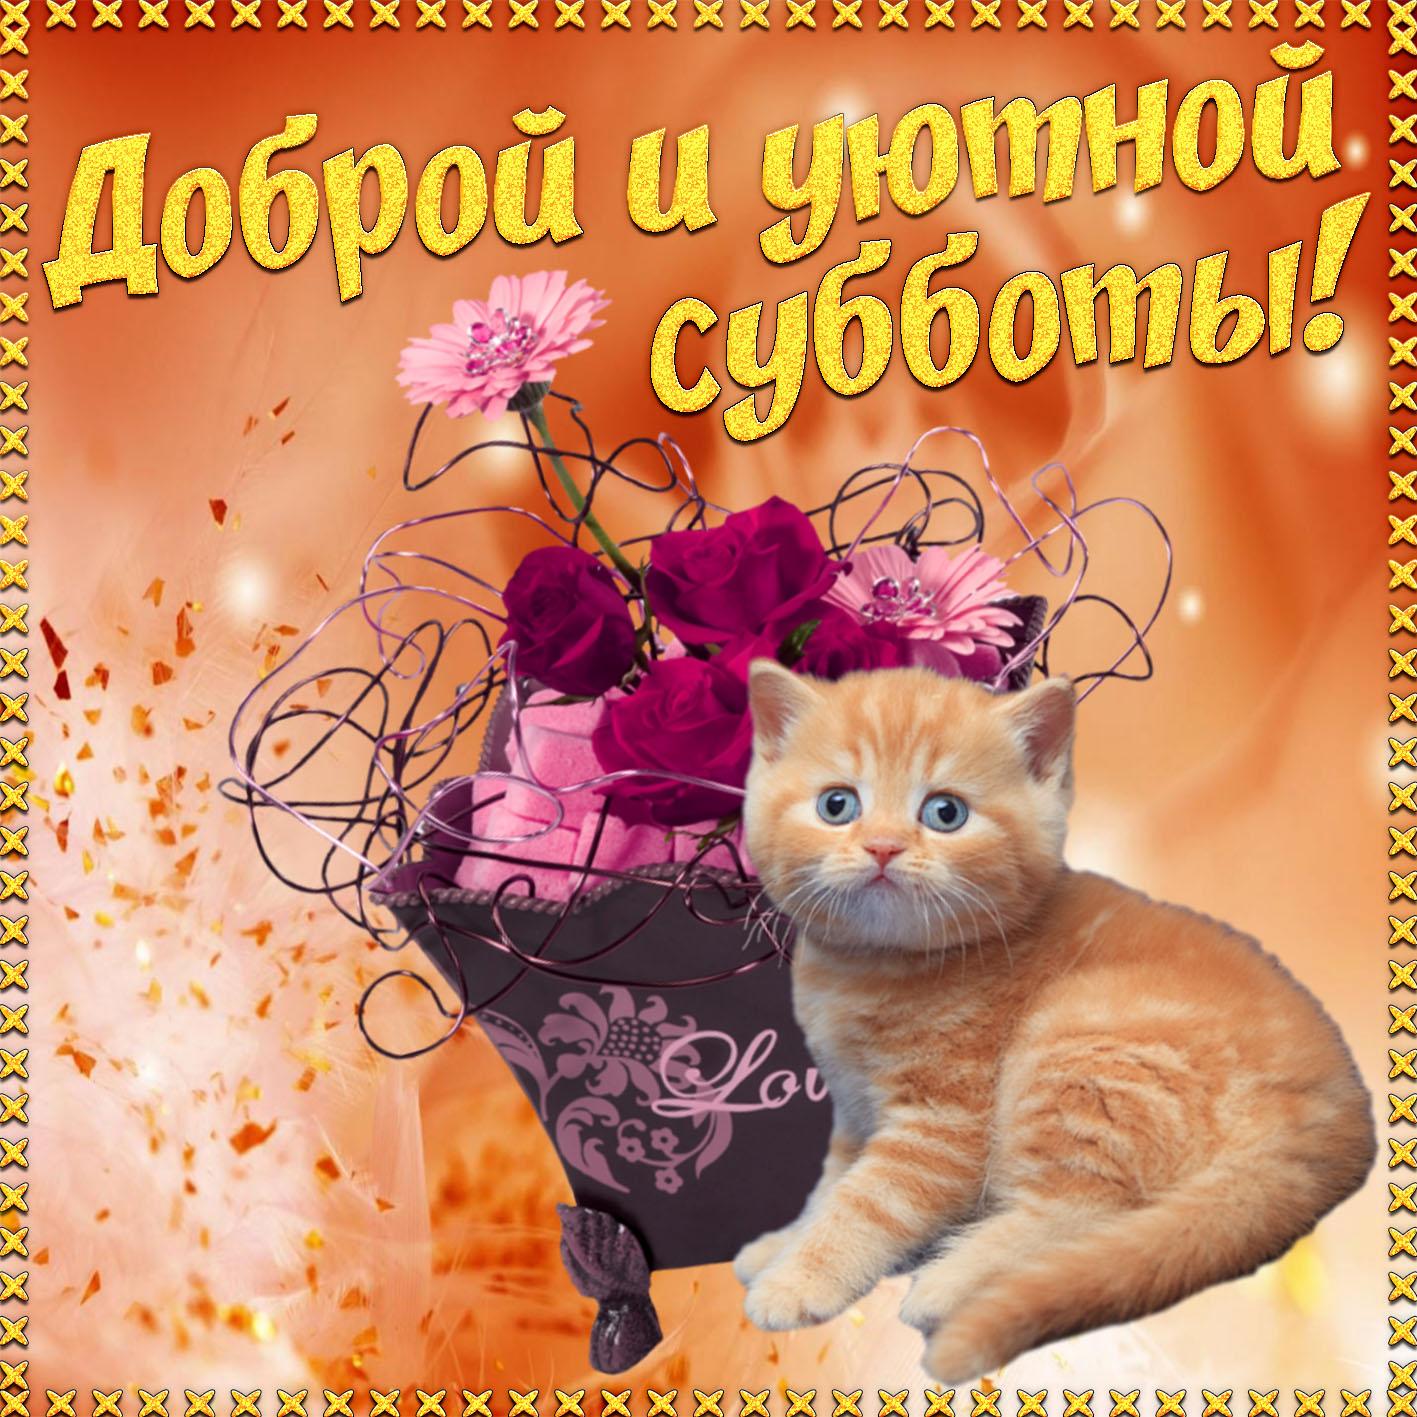 Котик желает доброй и уютной субботы